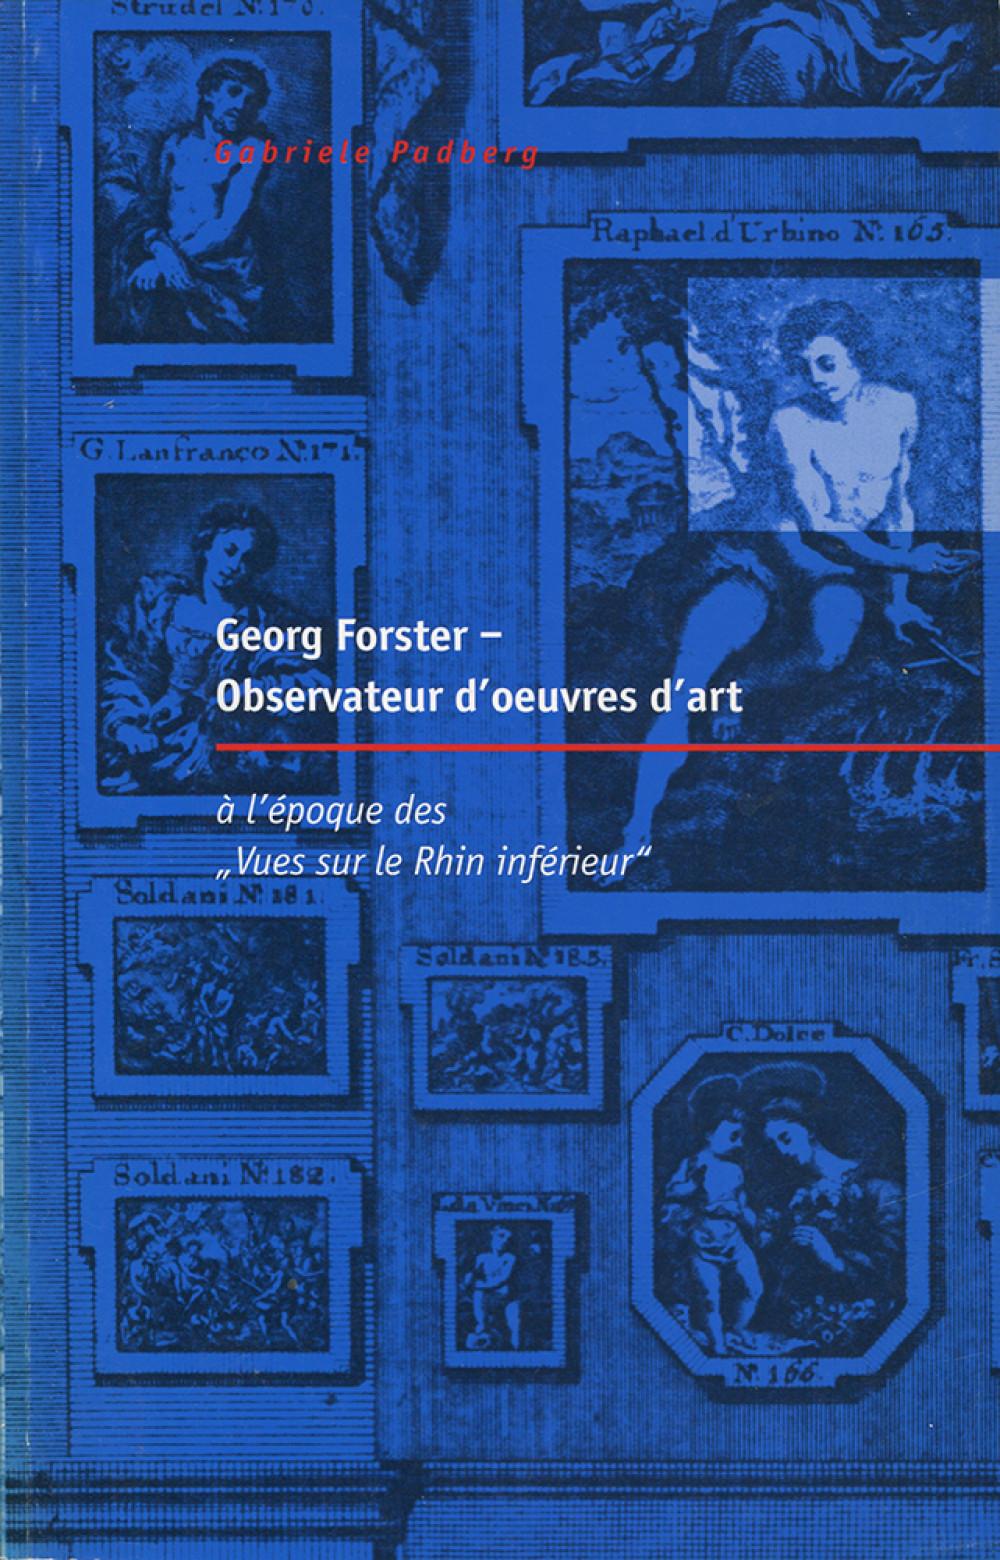 Georg Forster, observateur d'oeuvres d'art à l'époque des <i>Vues sur le Rhin inférieur</i>